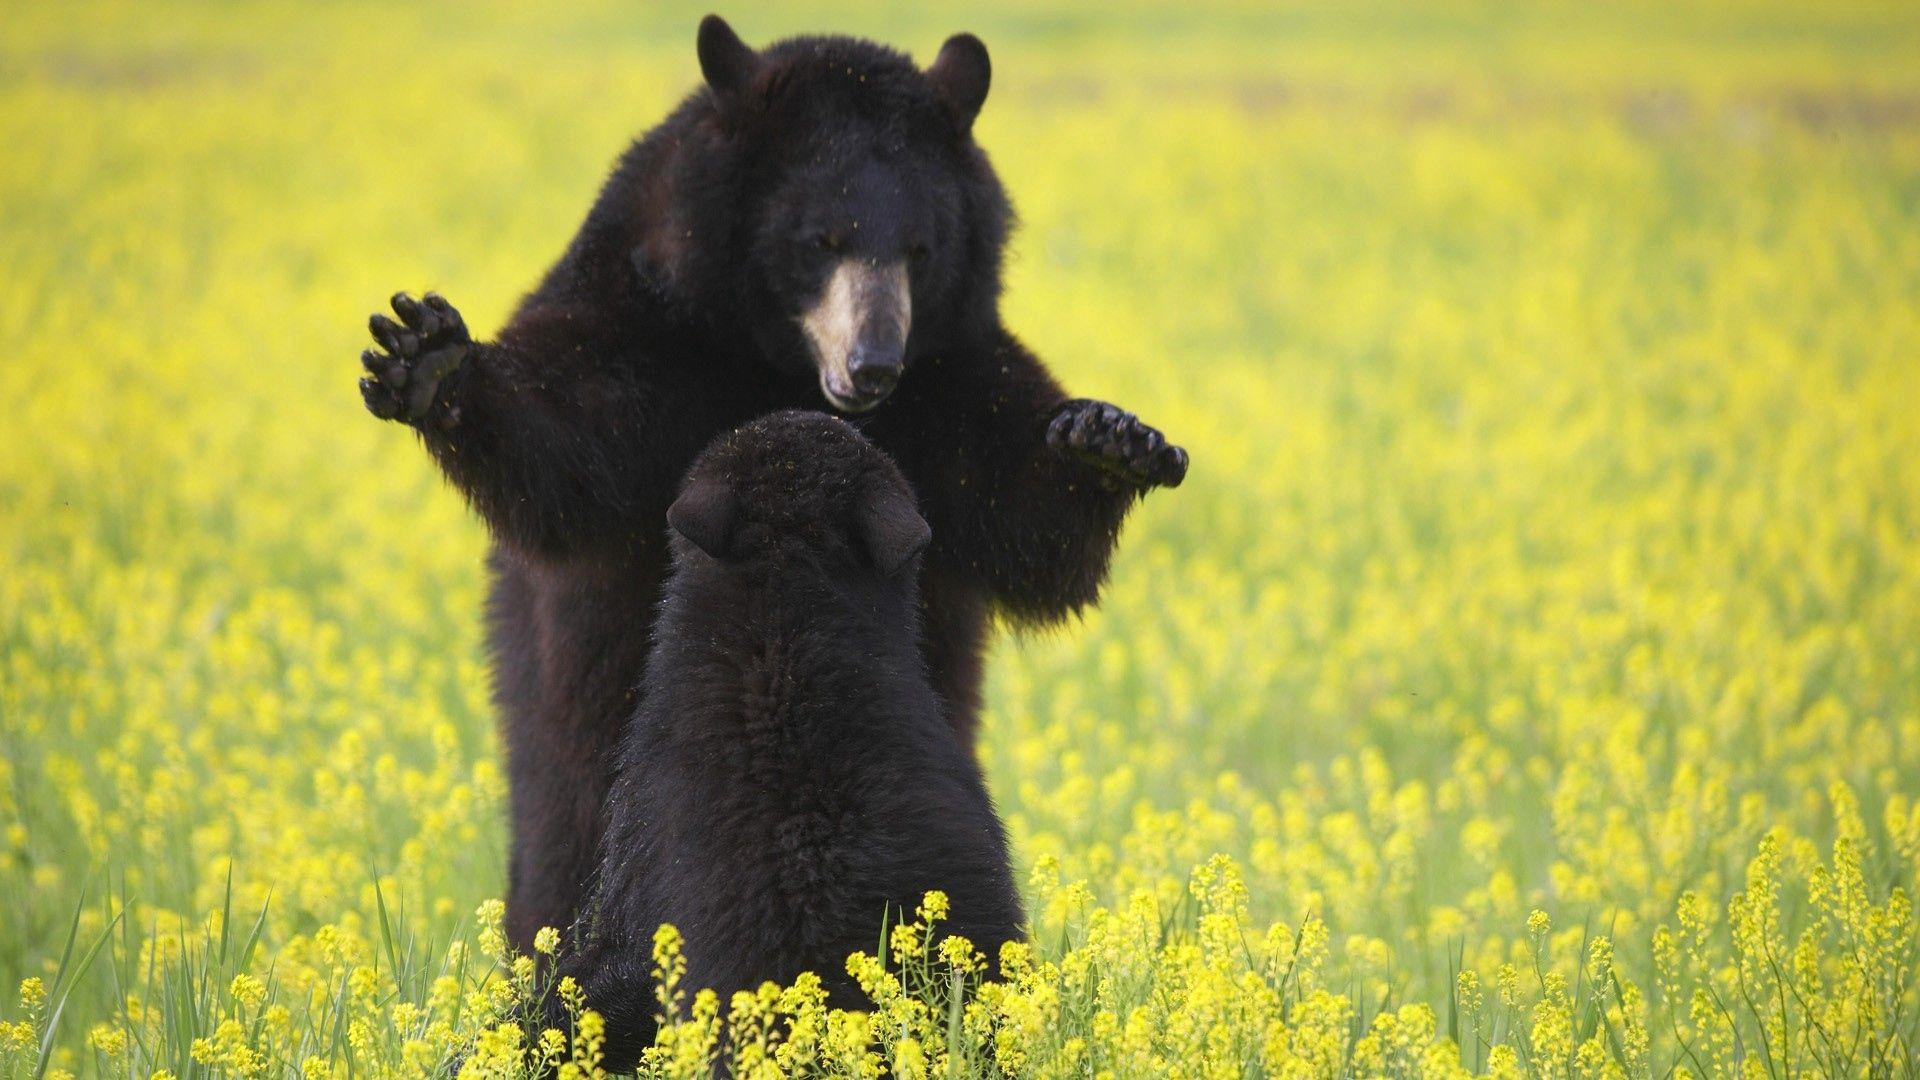 71160 Заставки и Обои Медведи на телефон. Скачать Медведи, Животные, Цветы, Трава, Детеныш картинки бесплатно